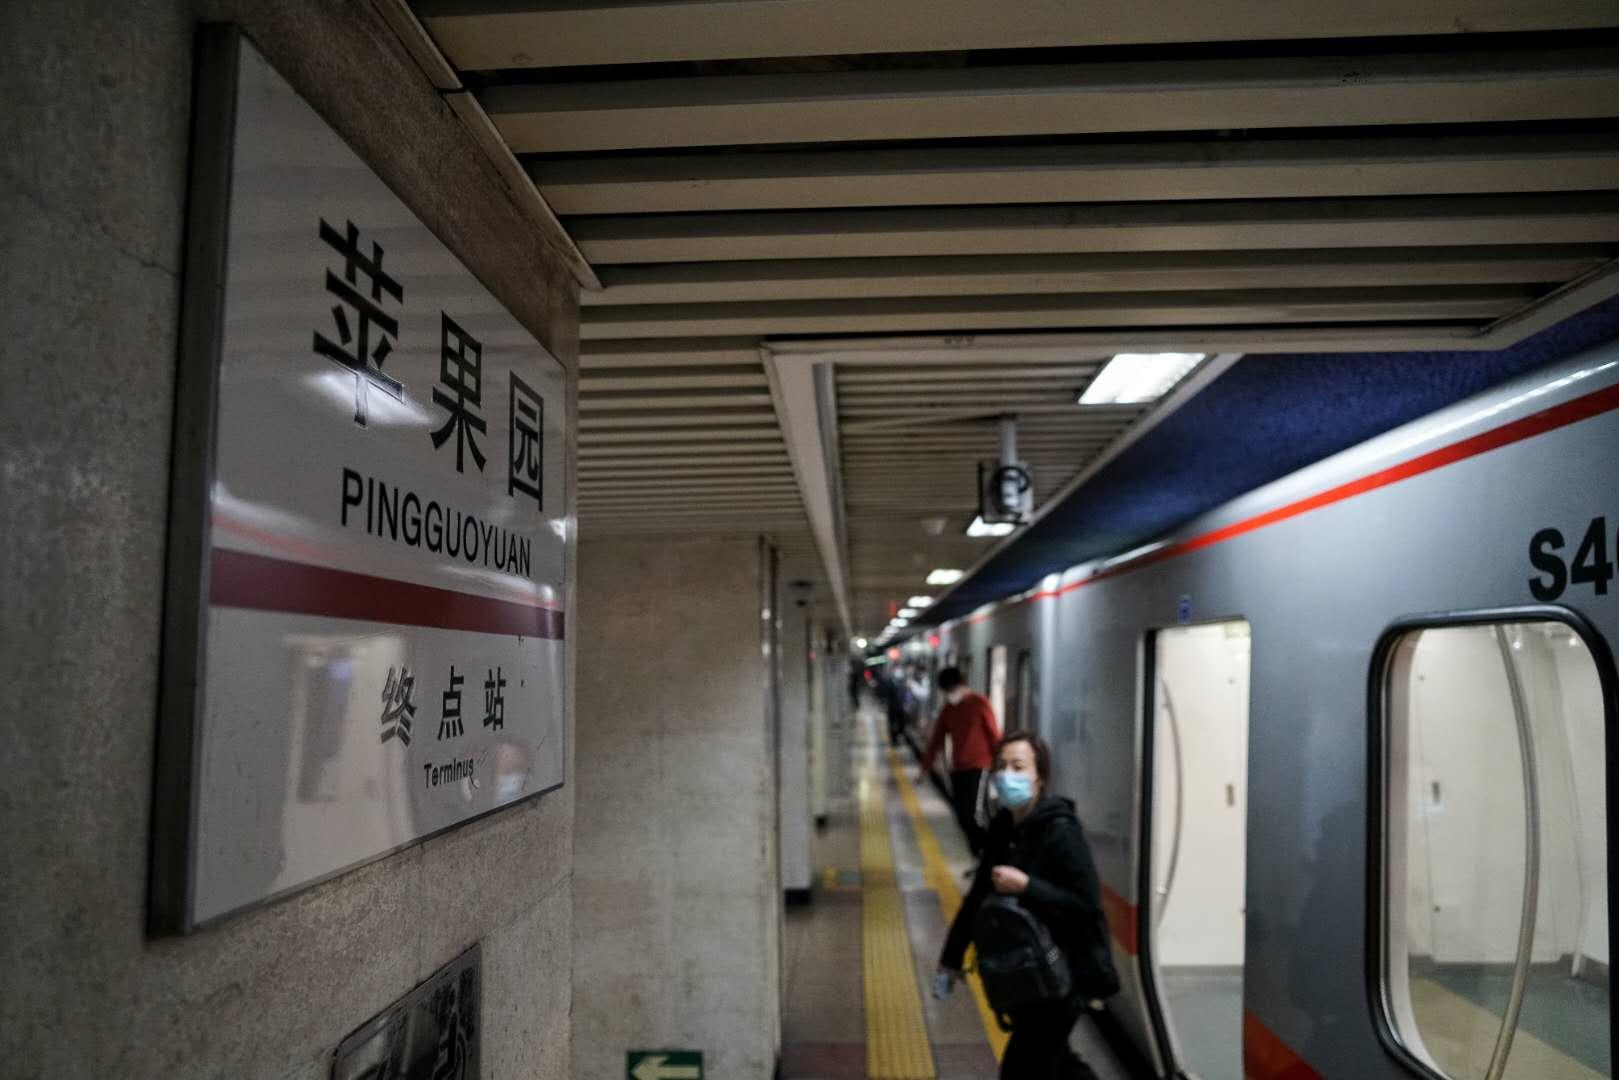 蓝冠官网:苹果蓝冠官网园站明起封闭改造公交将图片